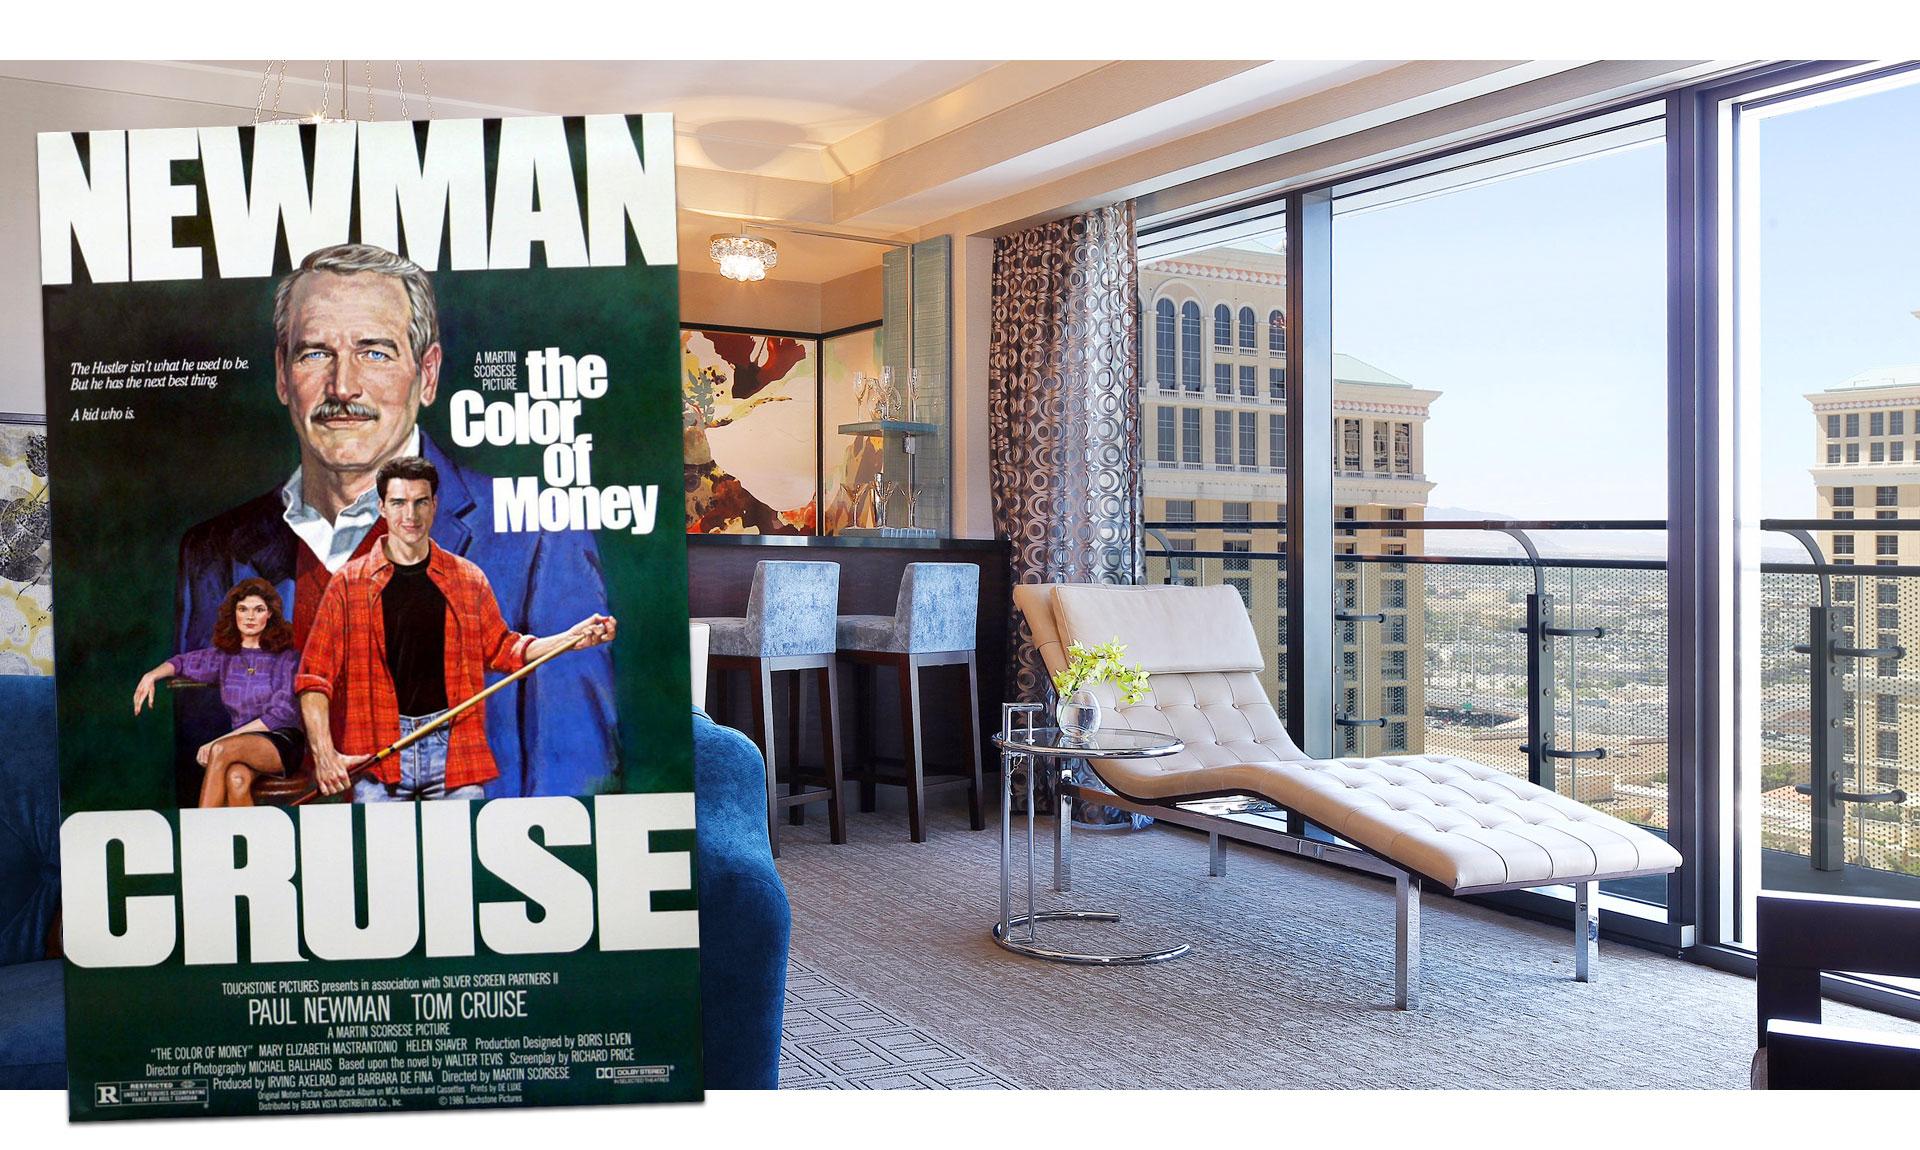 The Cosmopolitan - luxury hotel in Las Vegas